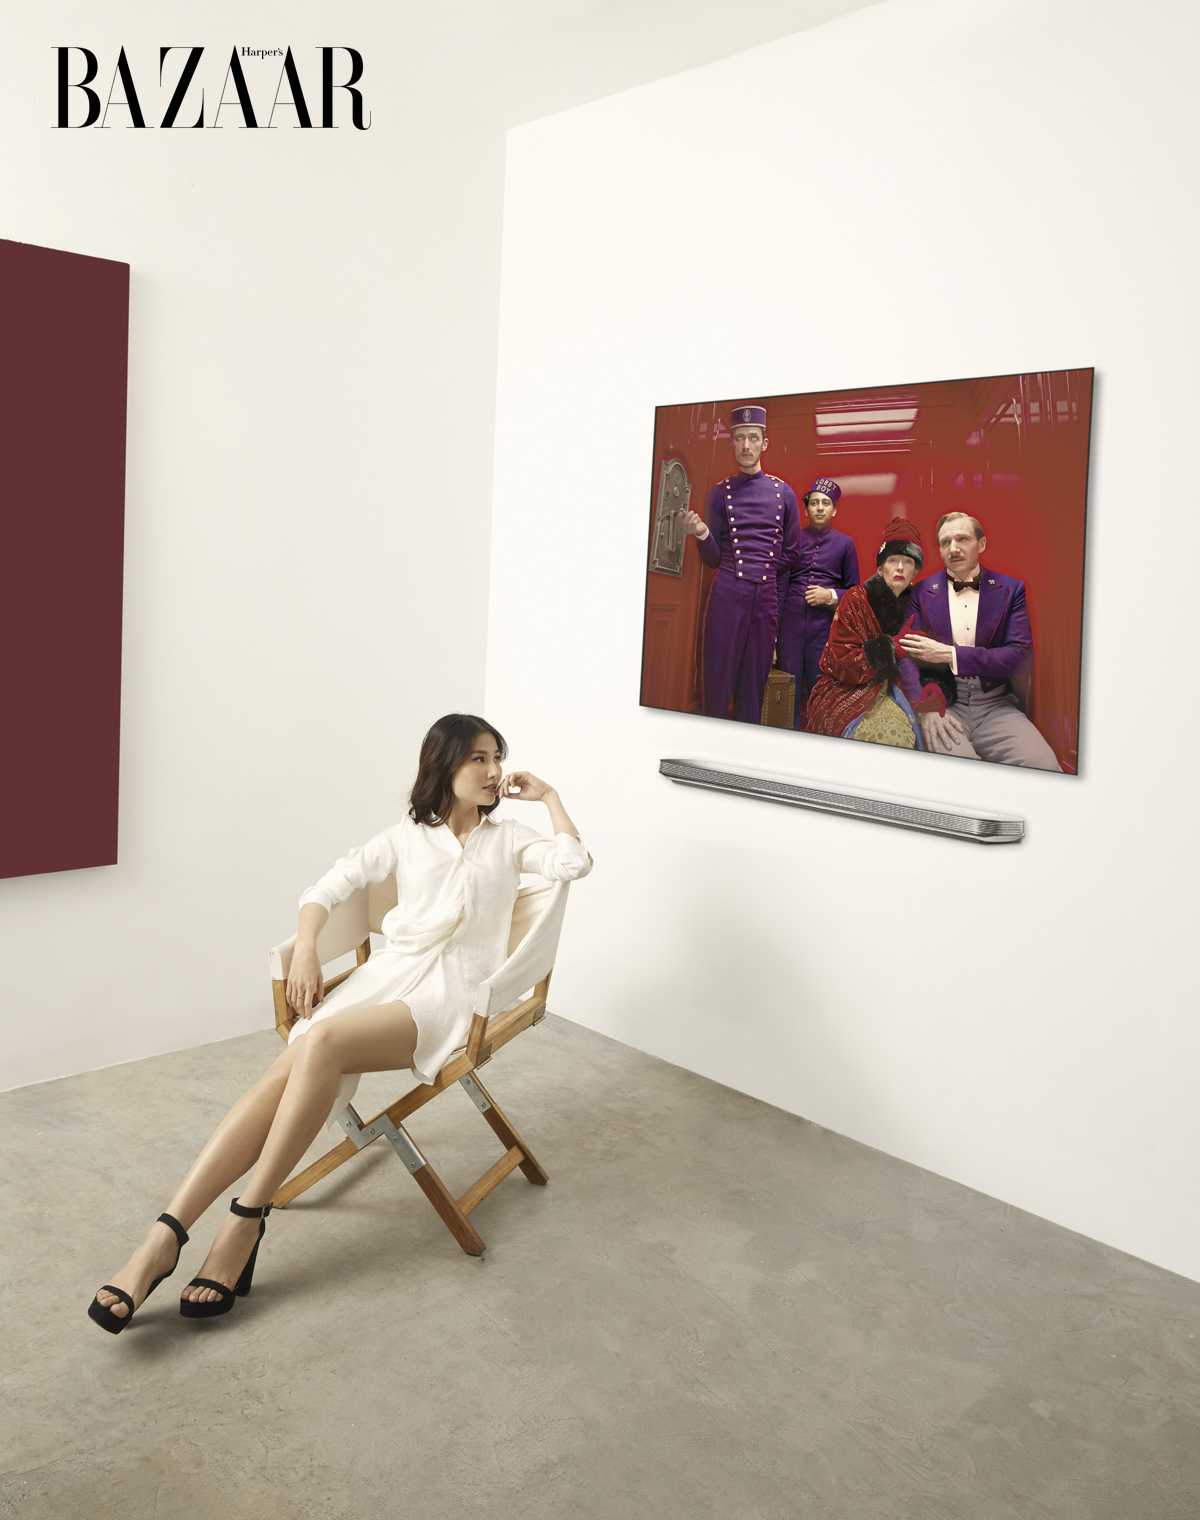 """DIỄN VIÊN DIỄM MY 9X Đầm ngắn tay dài chất liệu lụa satin, Lê Lucas. LG OLED TV 65"""" W8"""